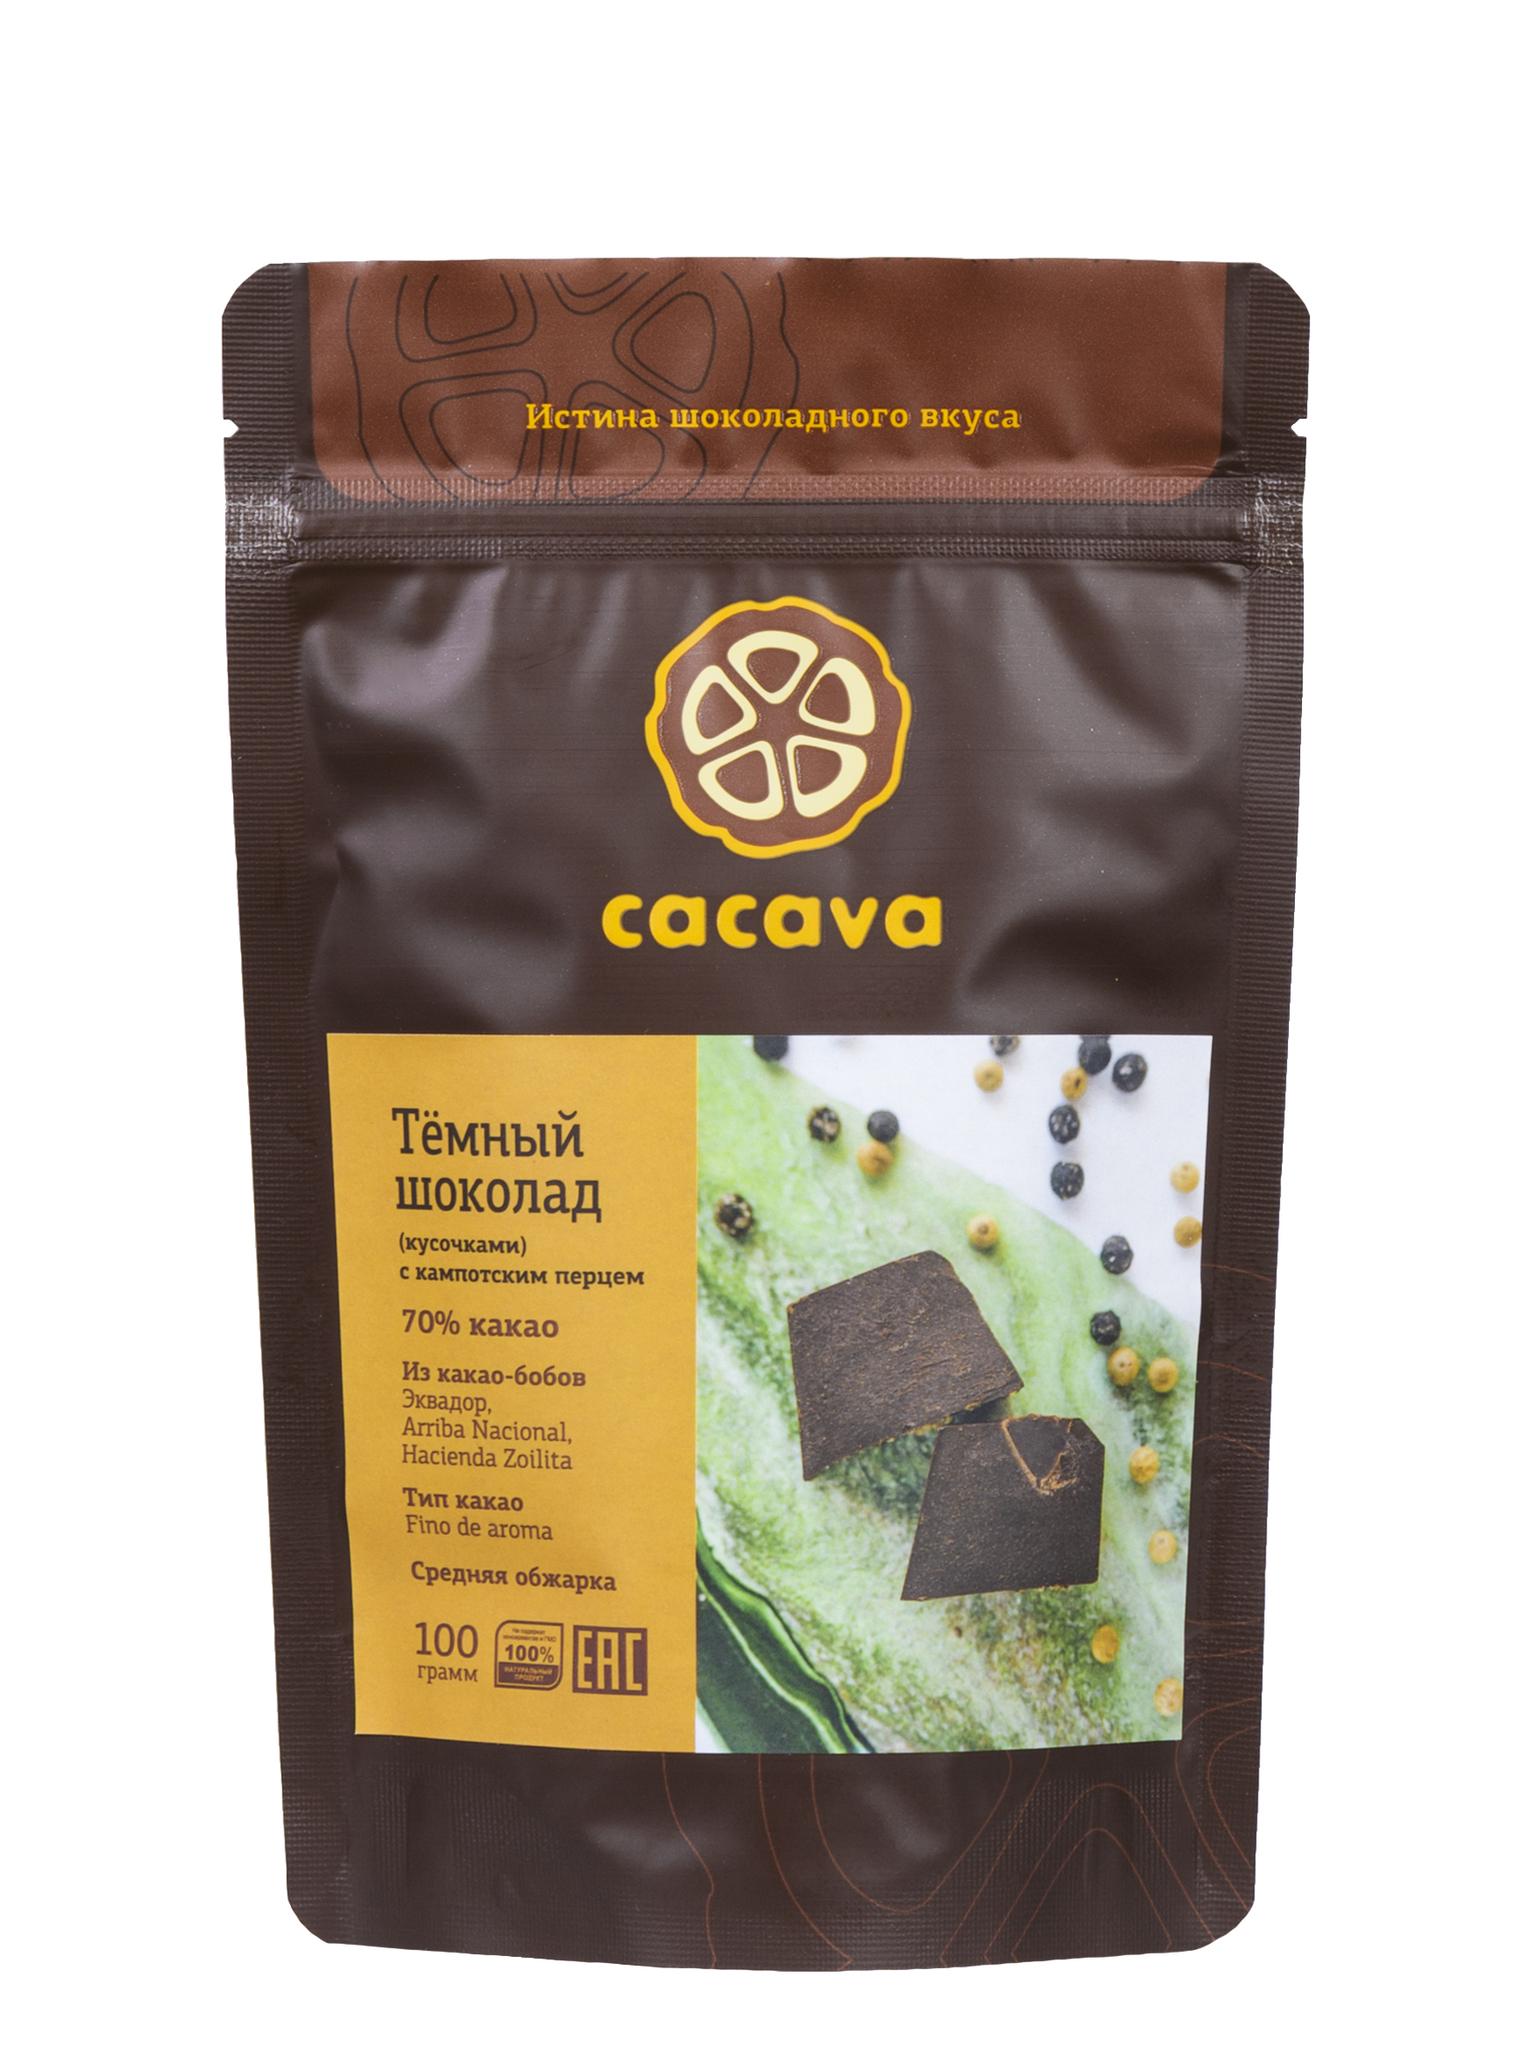 Тёмный шоколад с кампотским перцем, 70 % какао (Эквадор), упаковка 100 грамм